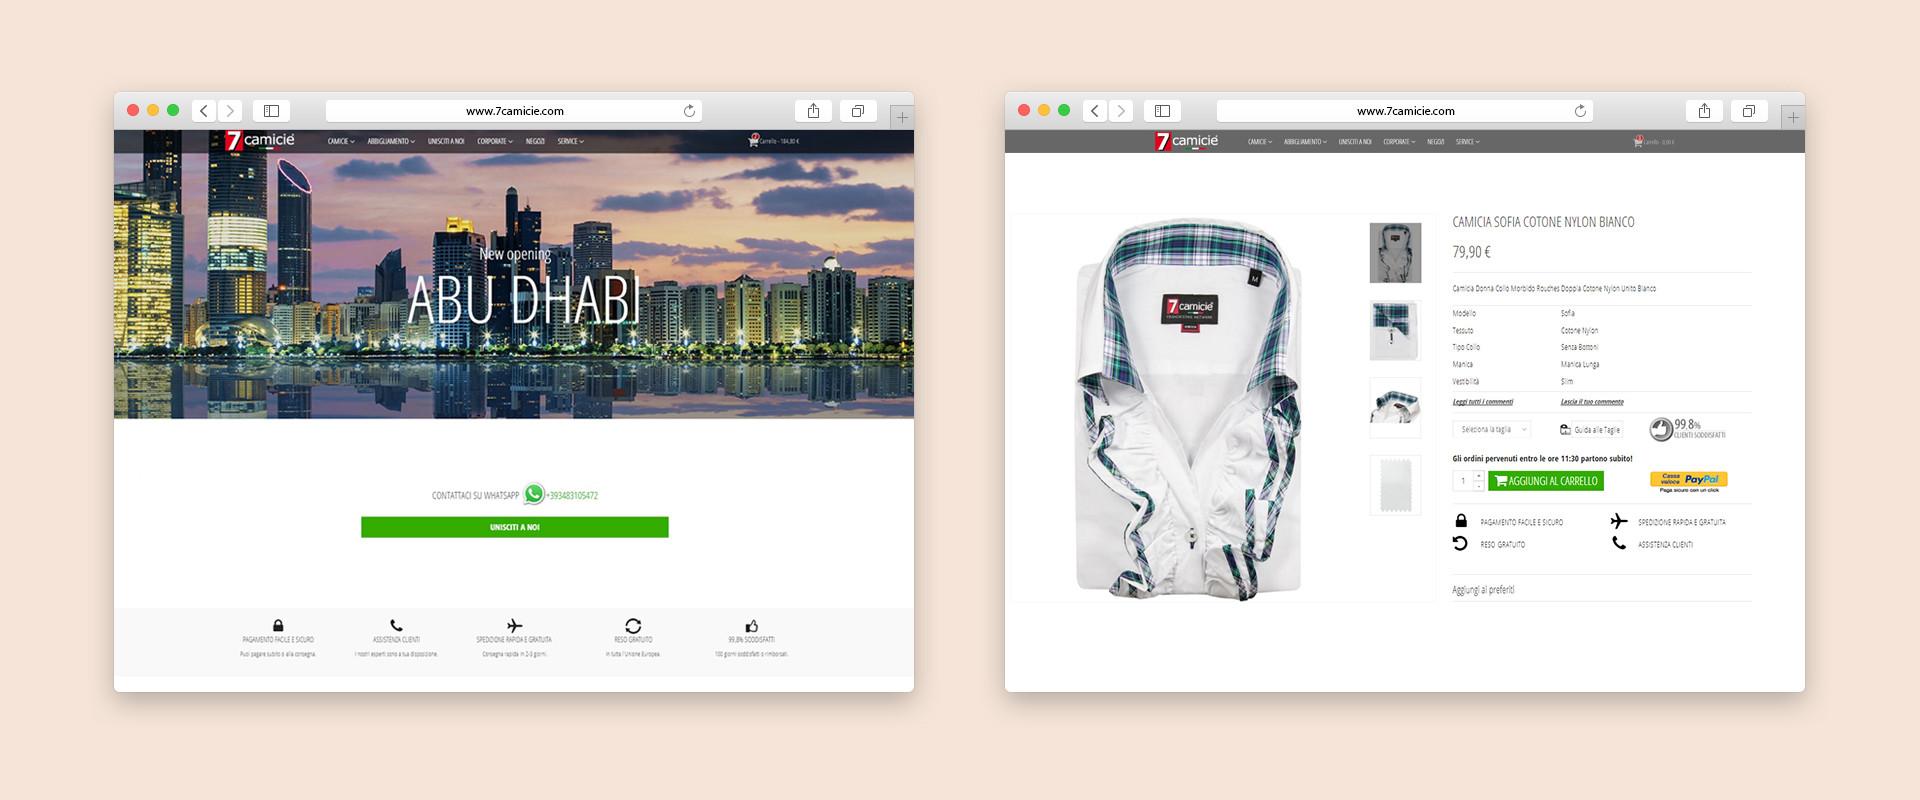 AEFFE Lab Portfolio 7camicie Shop Online Camicie Uomo Donna Bambino